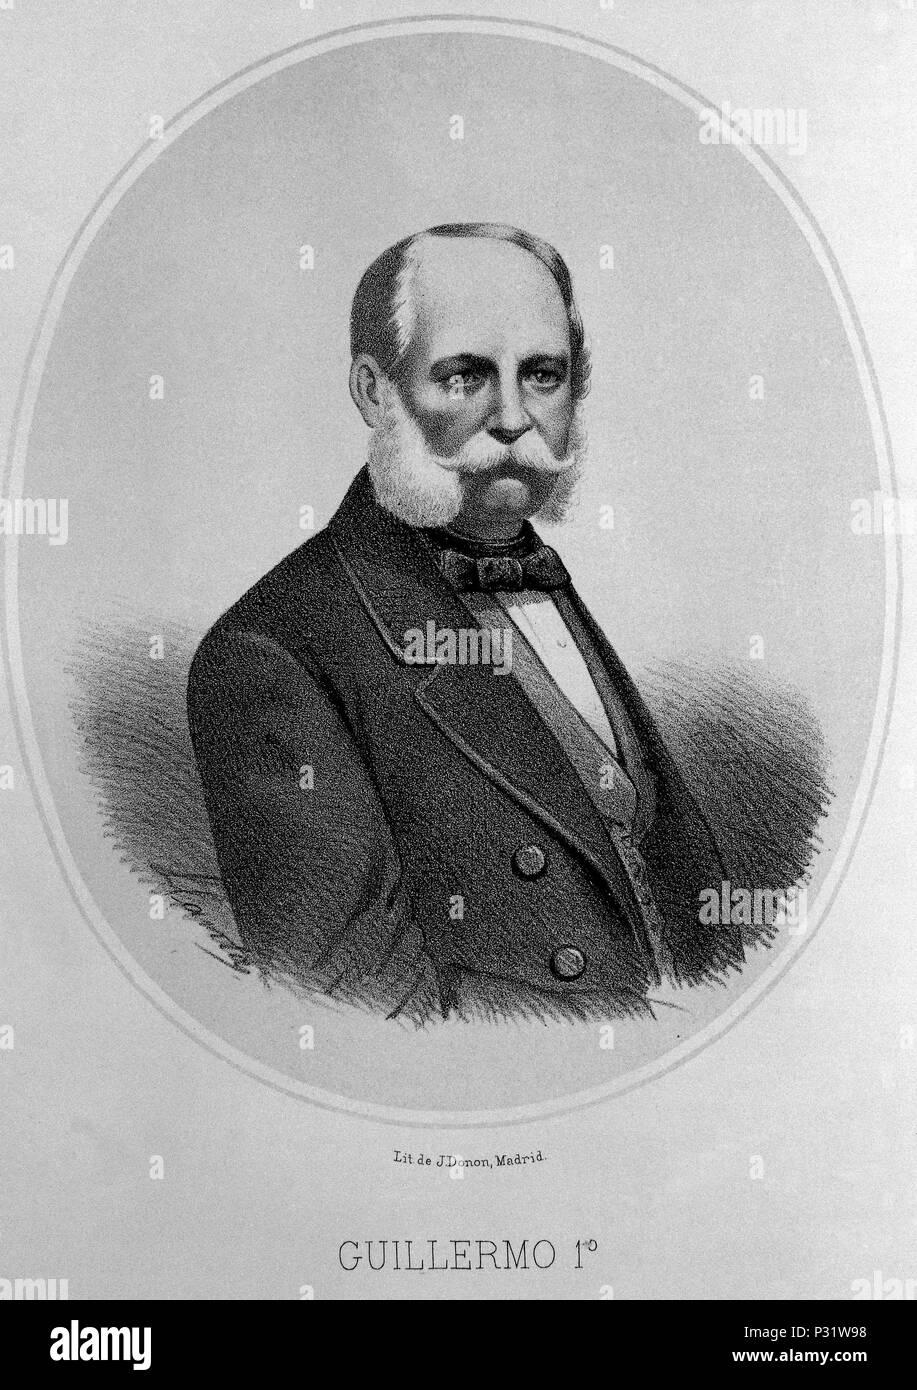 GUILLERMO I REY DE PRUSIA Y EMPERADOR DE ALEMANIA 1797-1888. Author: Julio Donon (19th cent.). Location: BIBLIOTECA NACIONAL-COLECCION, MADRID, SPAIN. - Stock Image